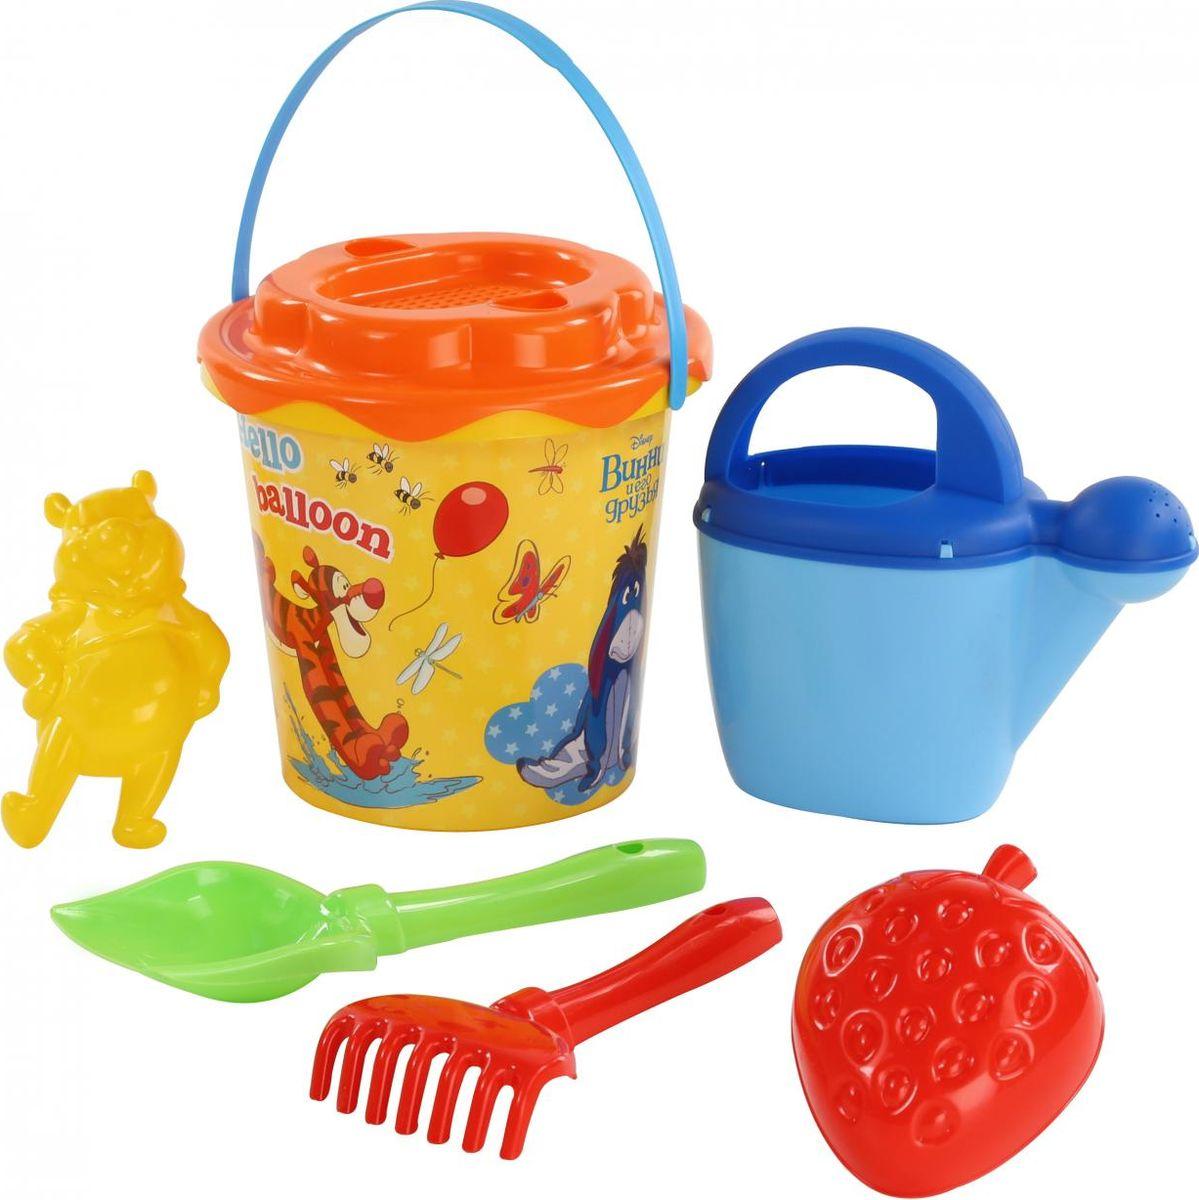 Disney Набор игрушек для песочницы Винни и его друзья №12 мягкие игрушки disney винни 25 см